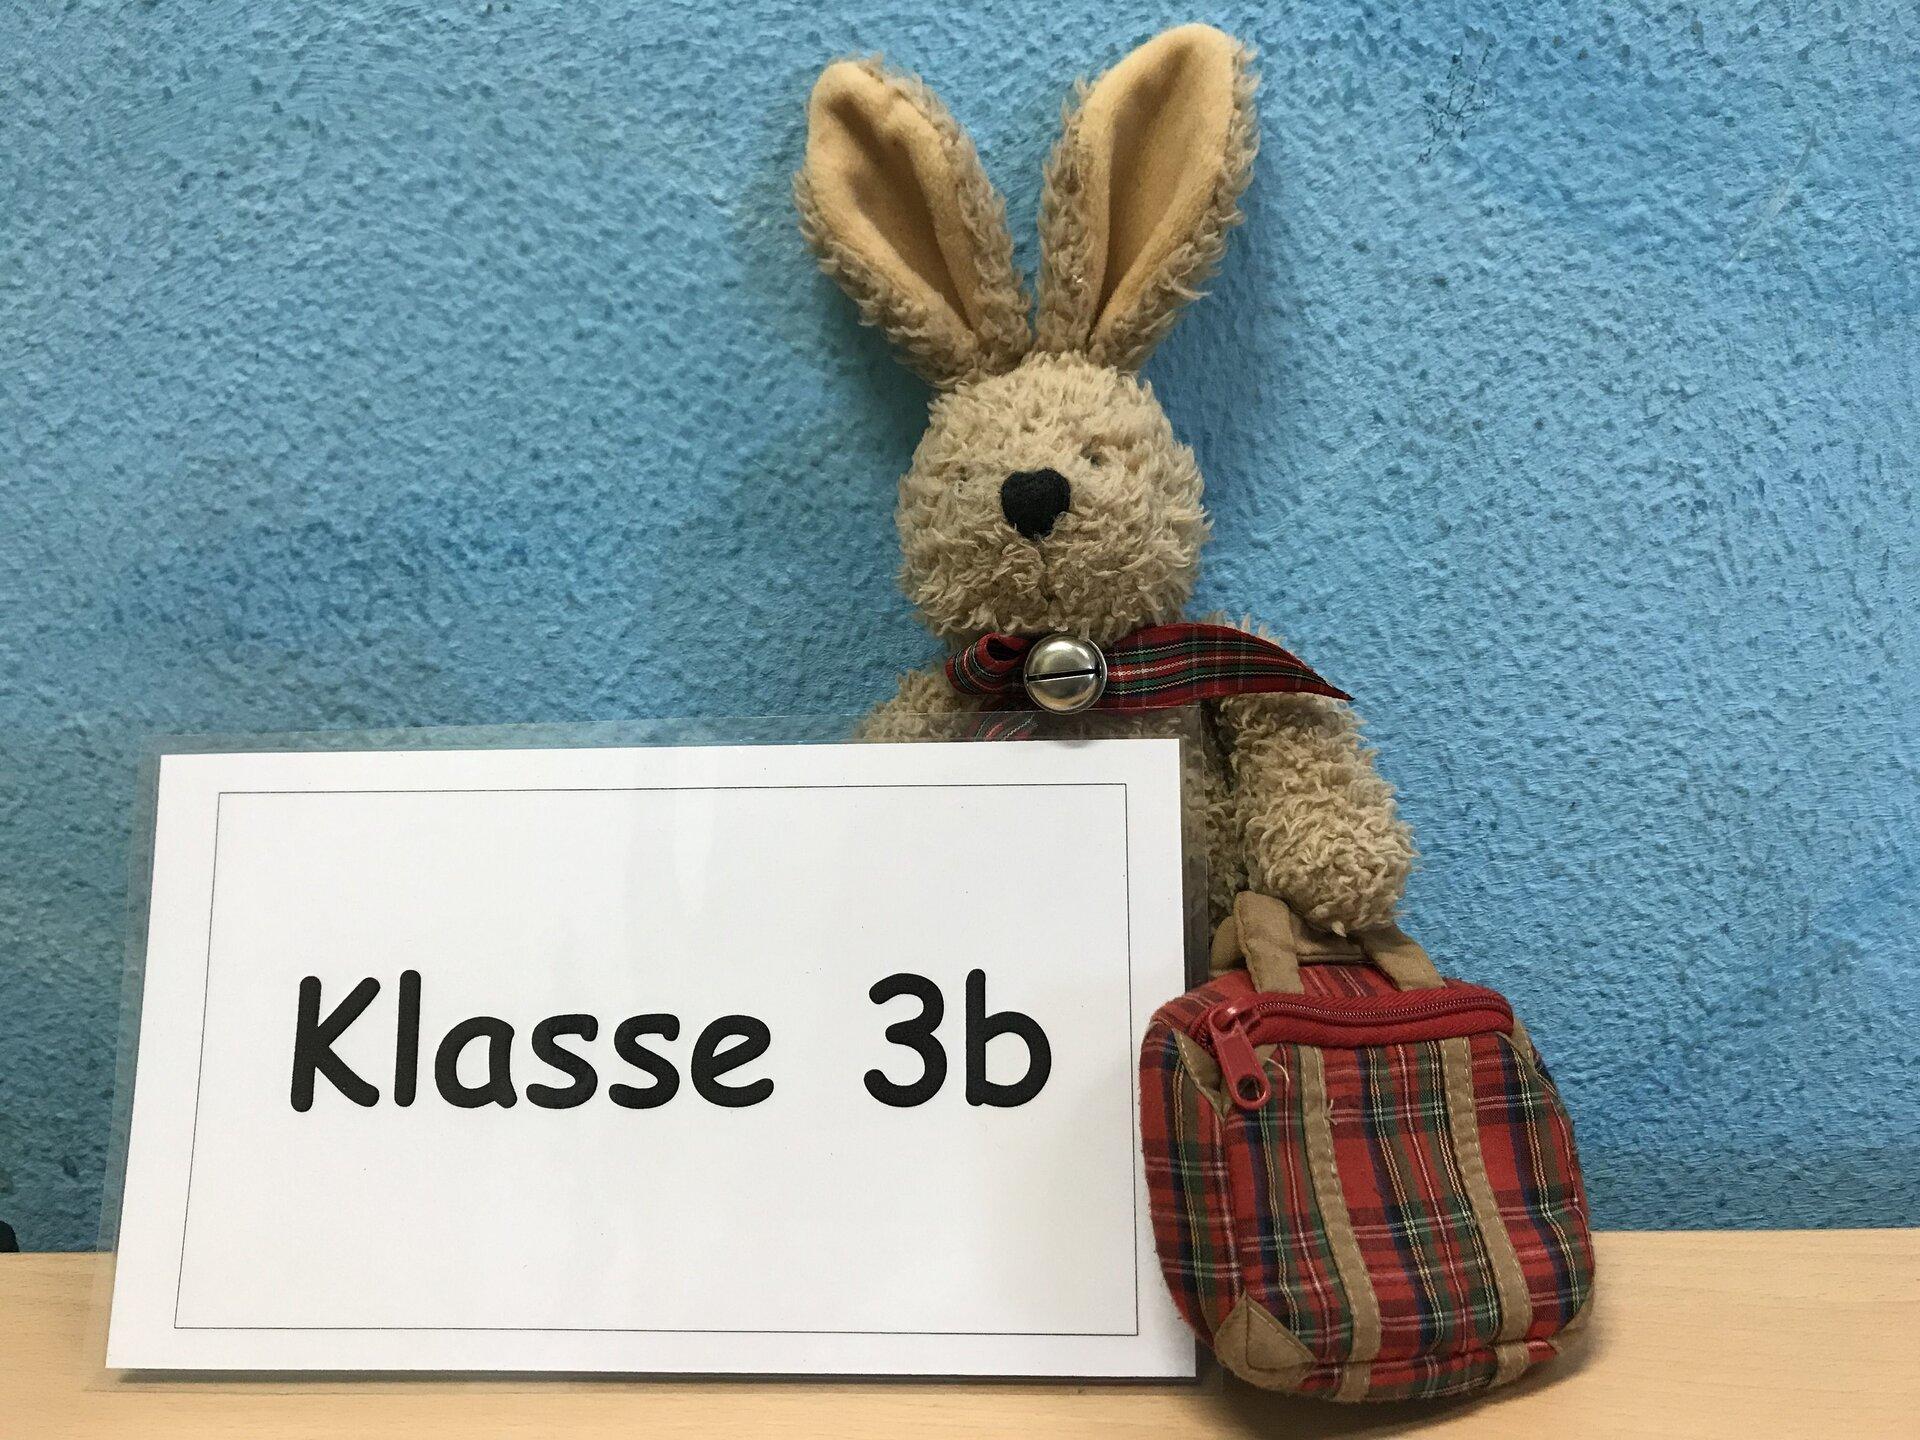 Hase 3b